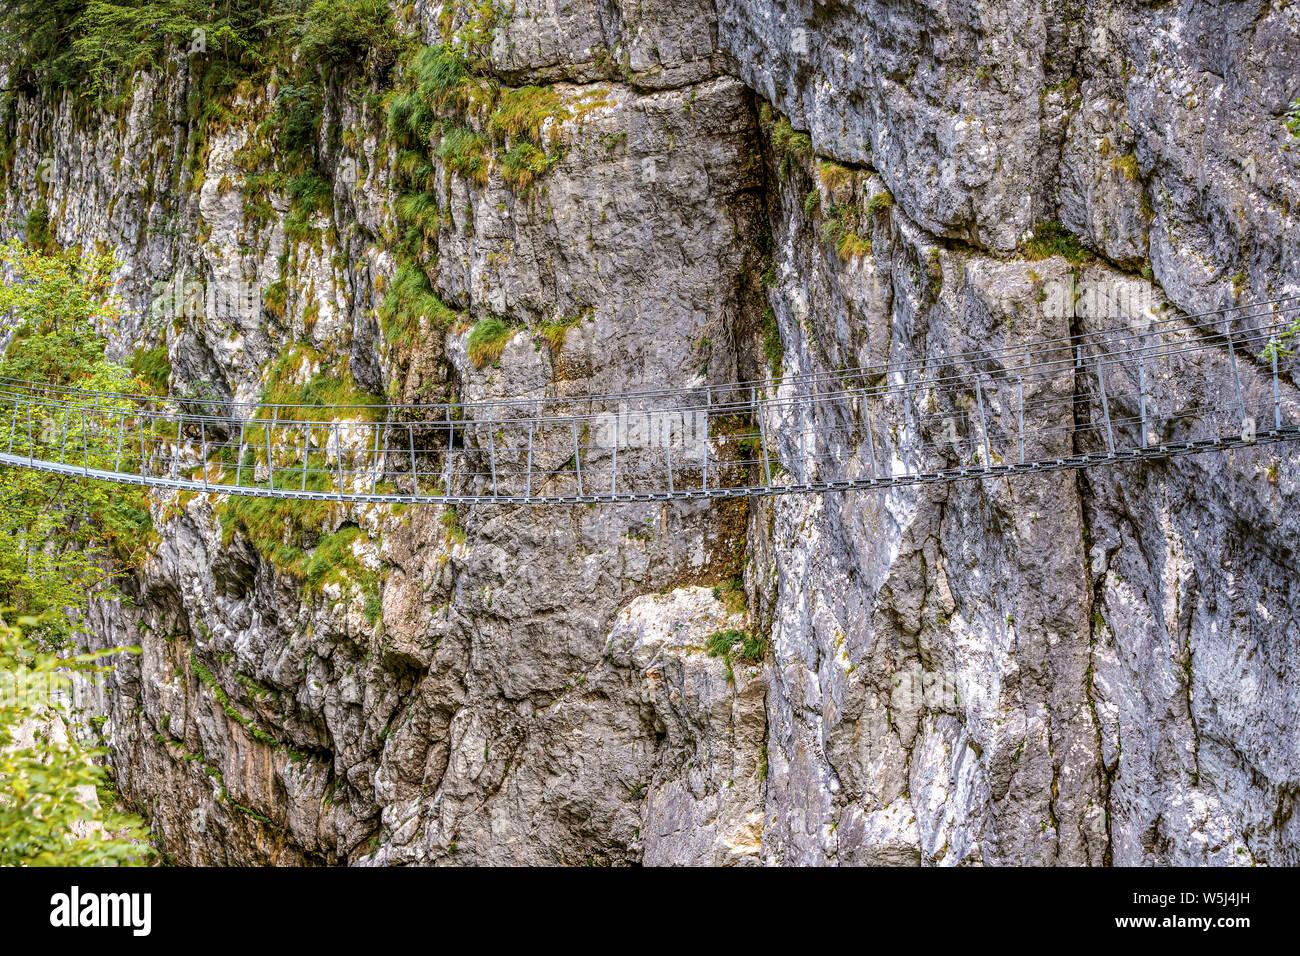 Italia Friuli Barcis vecchia strada della Val Cellina - Himalayan Bridge - Parco Naturale delle Dolomiti Friulane Foto Stock